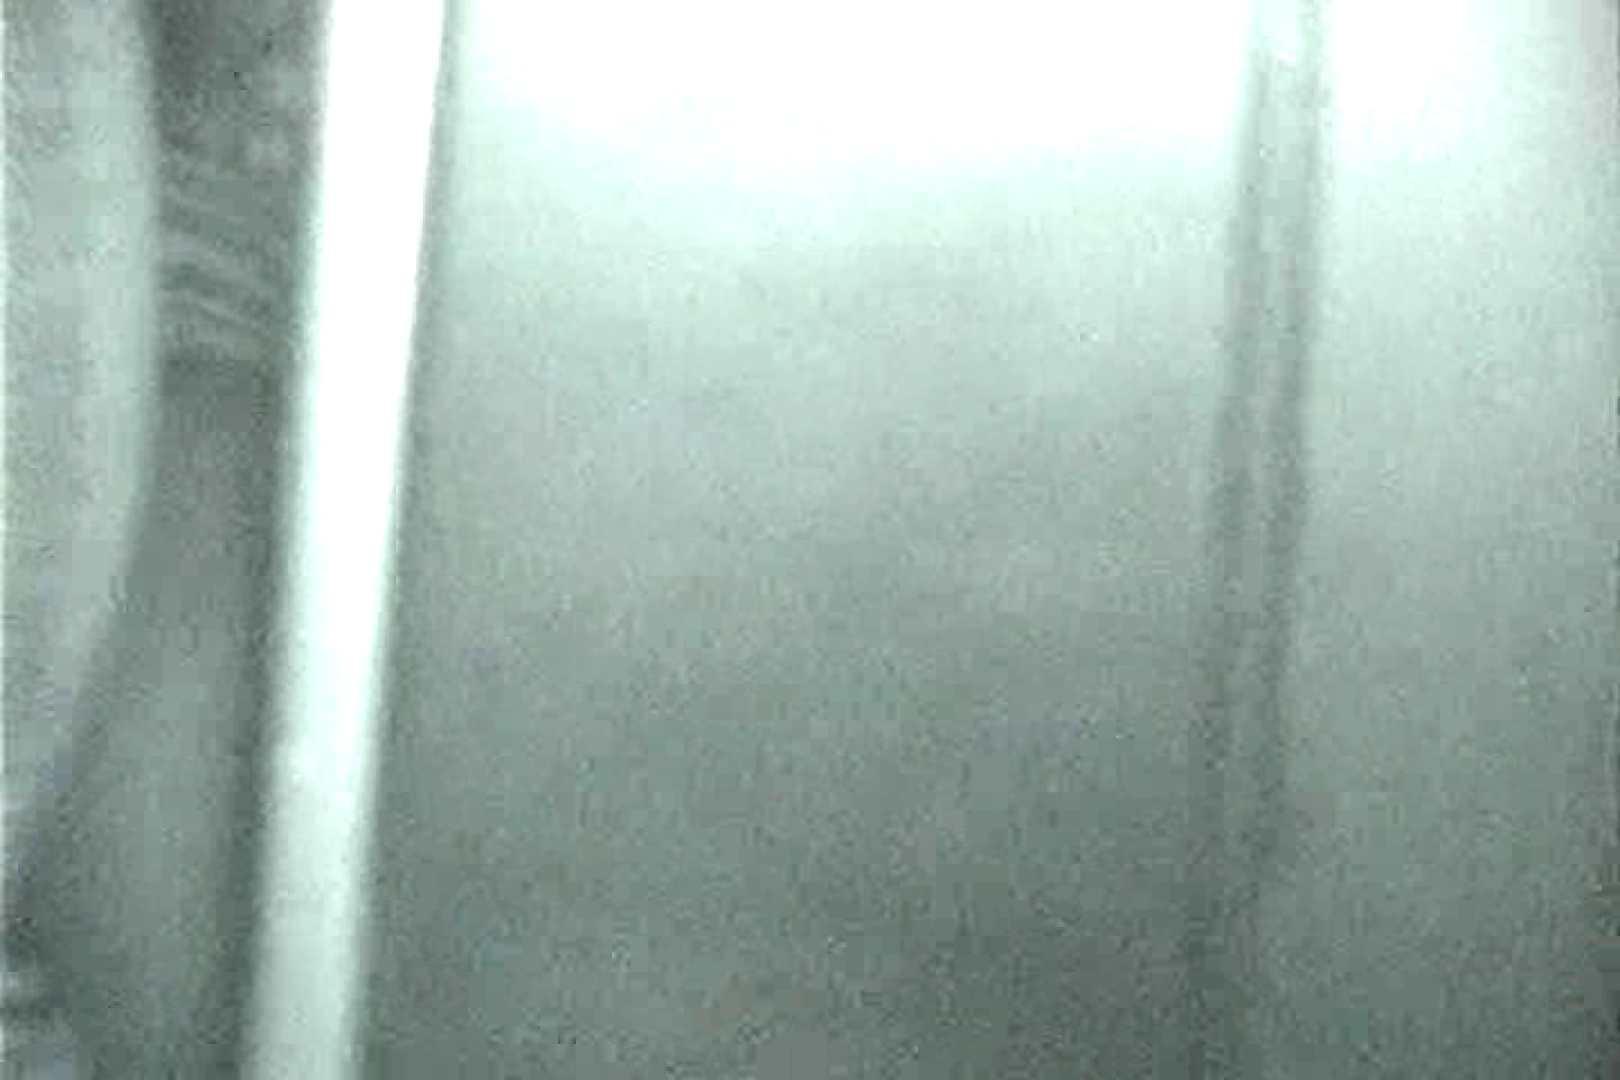 充血監督の深夜の運動会Vol.27 カップルのセックス   接写  63PIX 19